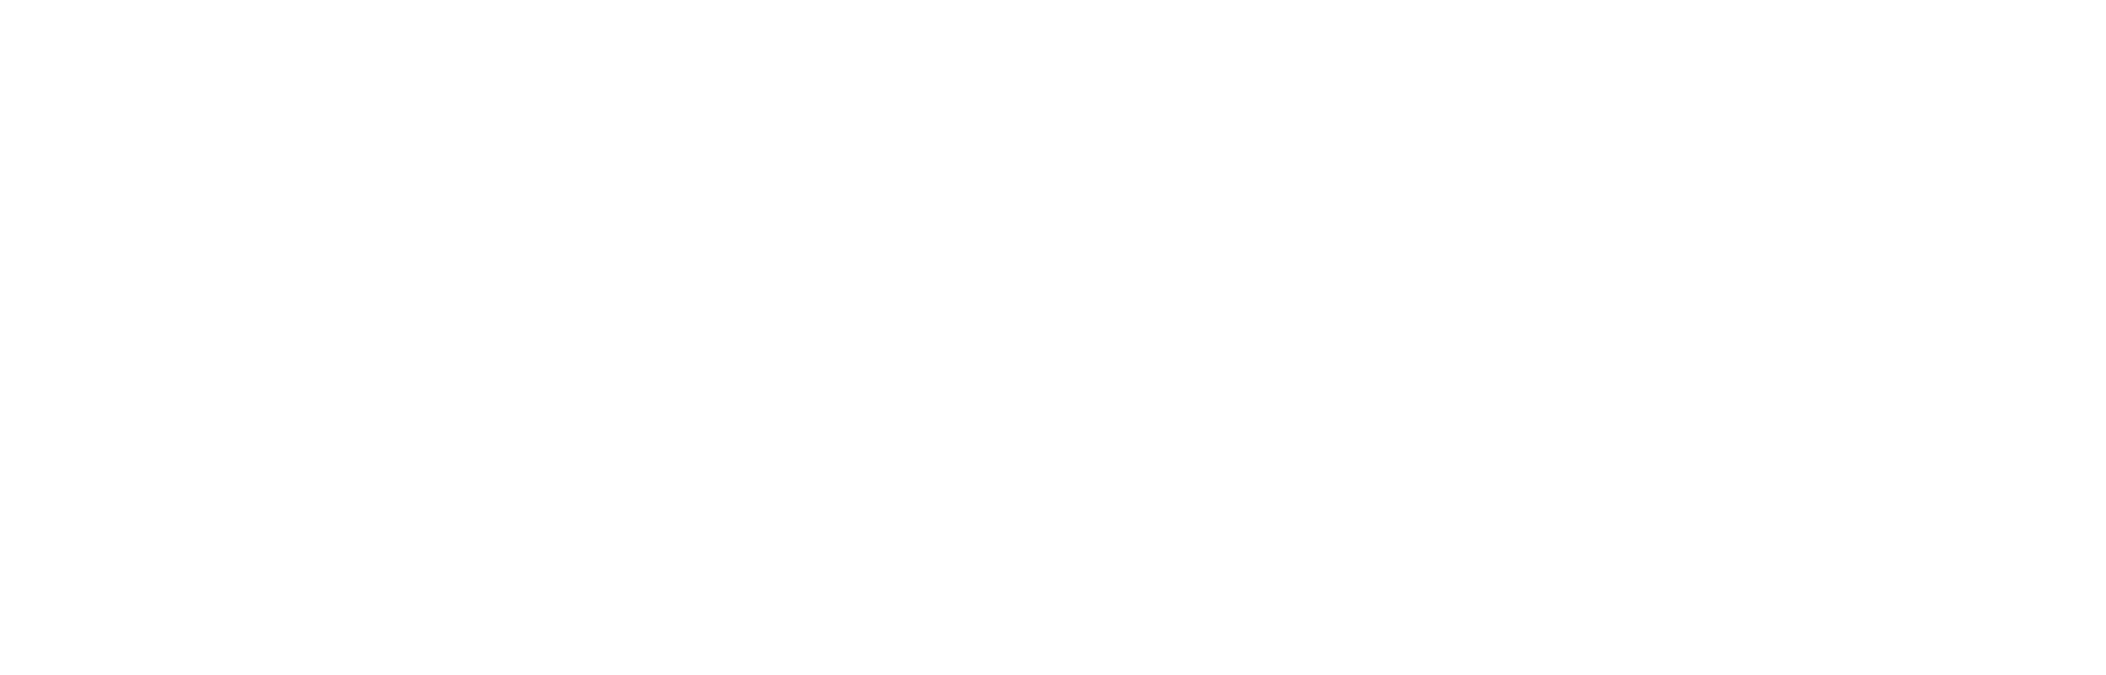 https://yeabrics.org/wp-content/uploads/2019/07/summitlogorus2019.png